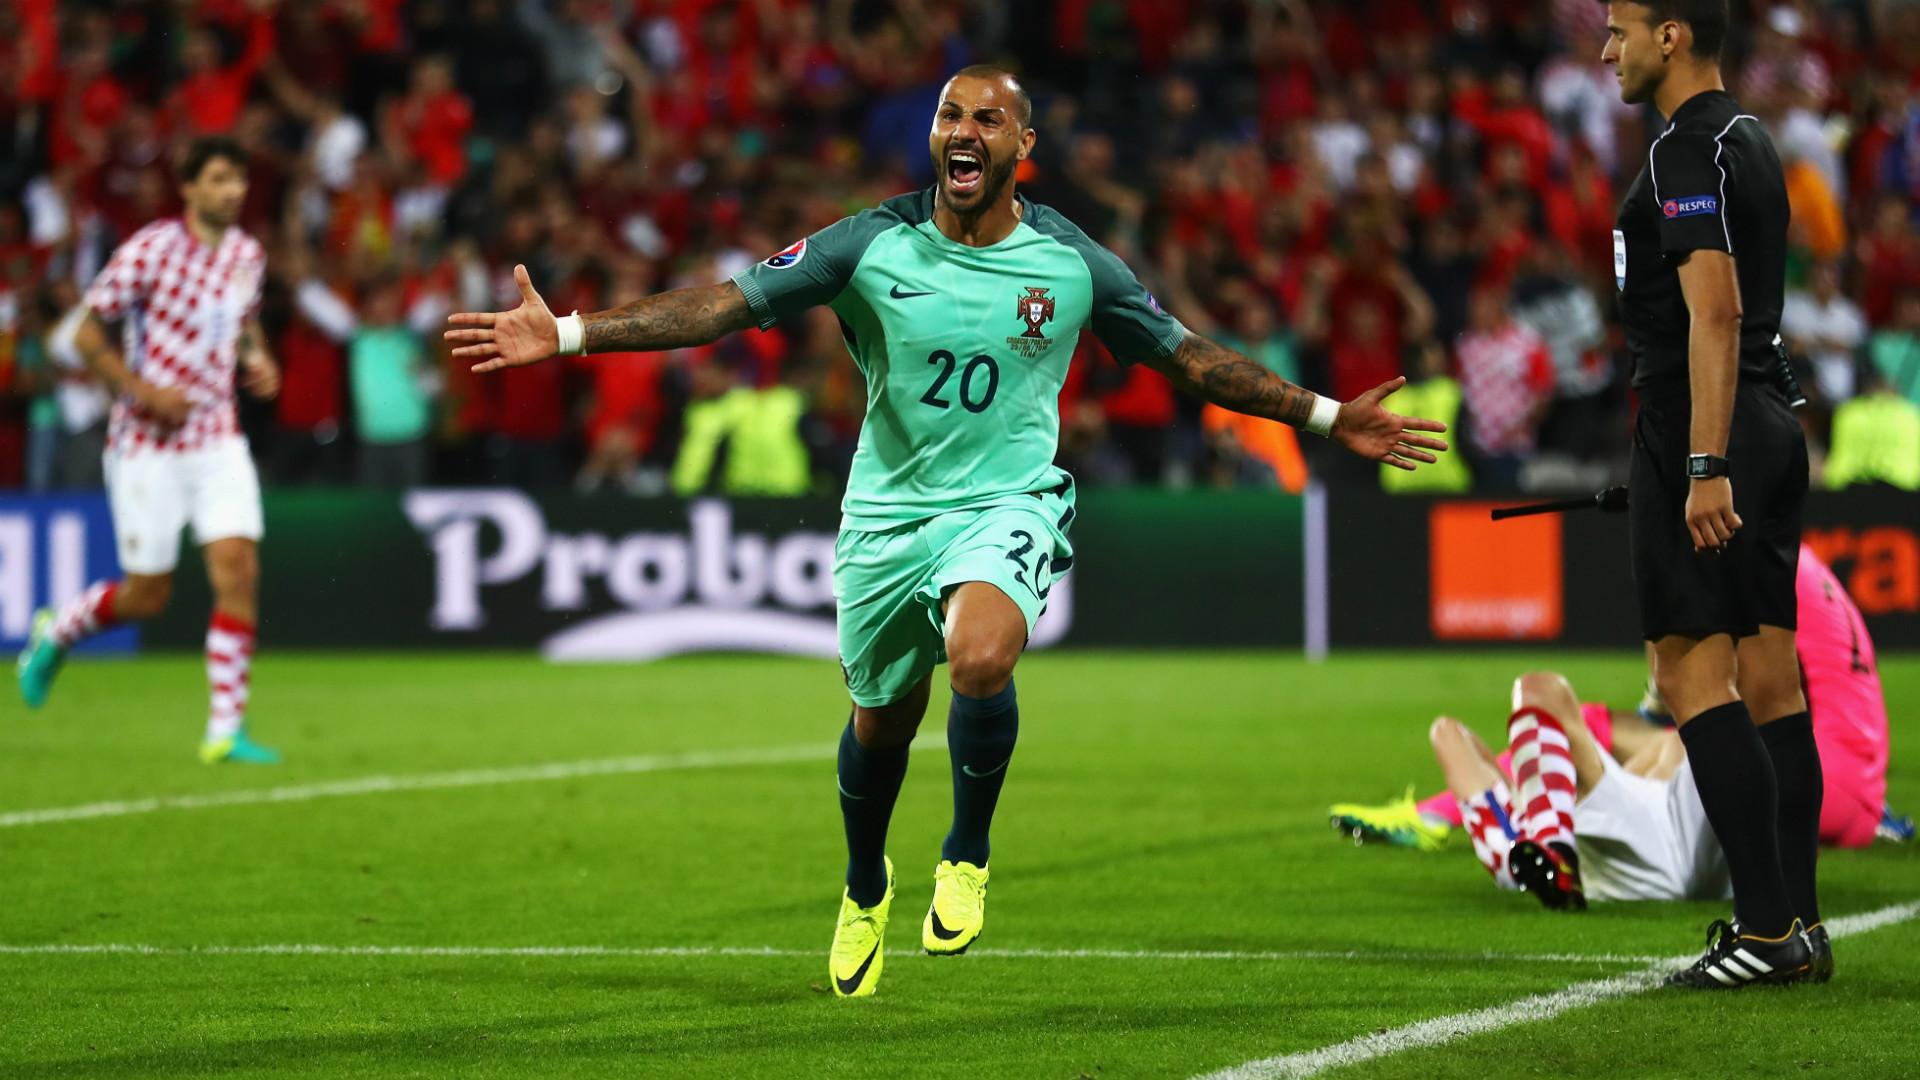 croatie 0 - 1 portugal r u00e9sum u00e9 du match 25  06  16 championnat europ u00e9en